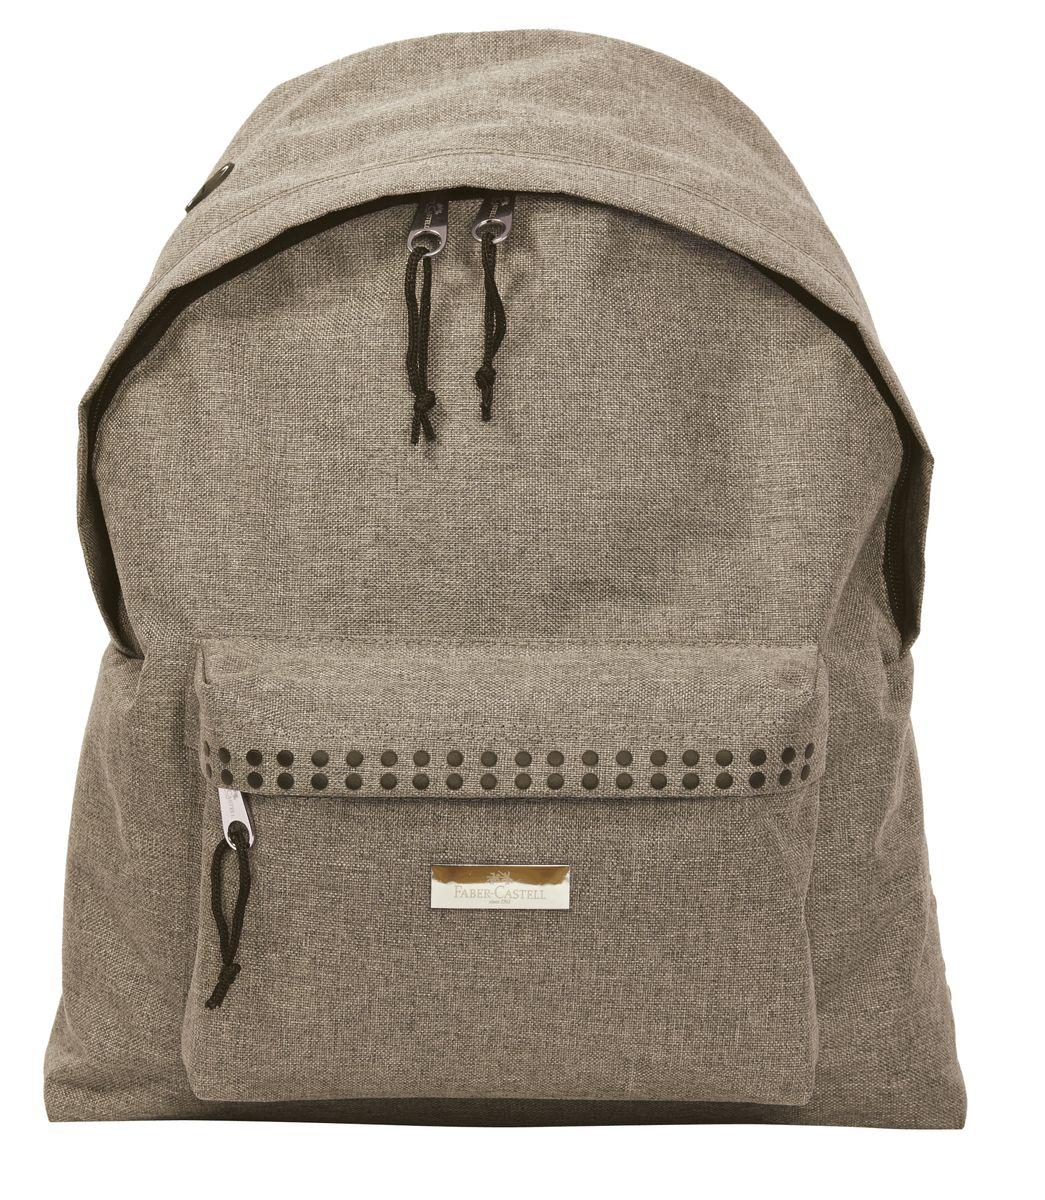 Faber-Castell Рюкзак Grip цвет песочный573375Стильный и качественный рюкзак Faber-Castell Grip выполнен из прочного материала с водоотталкивающим покрытием и прекрасно подойдет для использования подростками.Это легкий и компактный городской рюкзак, который обязательно подчеркнет вашу индивидуальность.Рюкзак содержит одно вместительное отделение, закрывающееся на застежку-молнию с двумя бегунками. На лицевой стороне рюкзака расположен накладной карман на молнии. На задней части рюкзака имеется карман на липучке.Рюкзак оснащен широкими лямками и текстильной ручкой для переноски в руке. Имеется вывод для наушников.Такую модель рюкзака можно использовать для повседневных прогулок, отдыха и спорта.